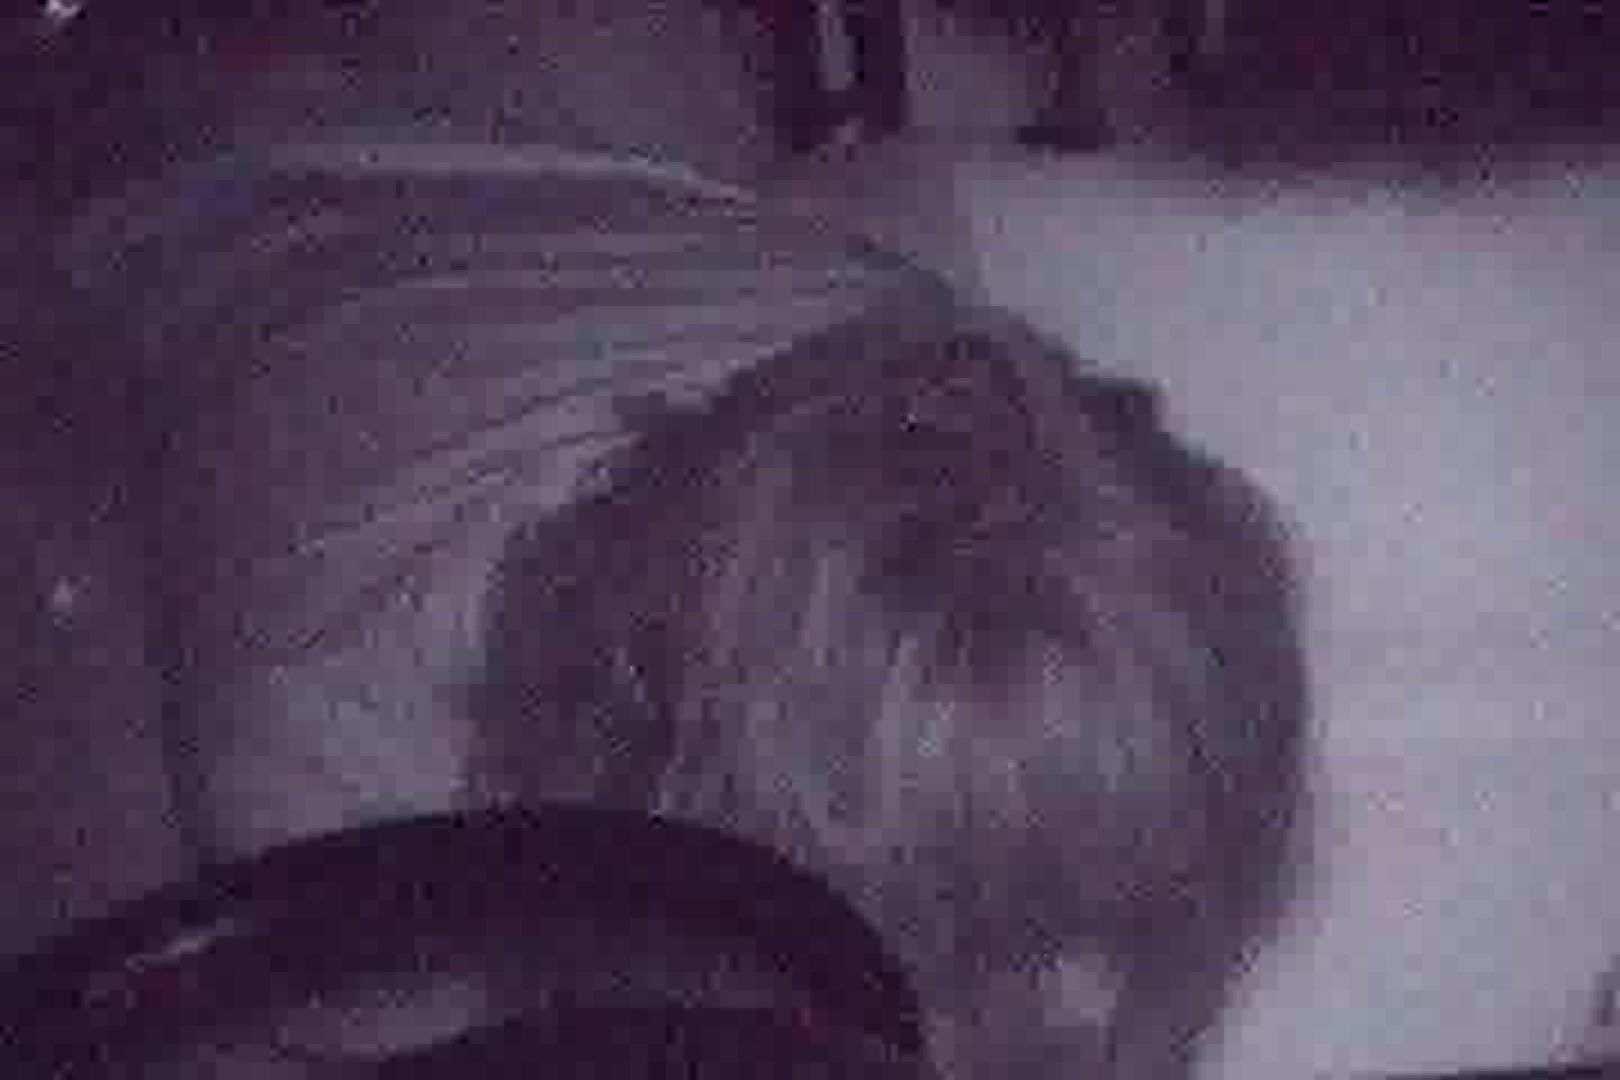 充血監督の深夜の運動会Vol.116 カーセックス 盗撮動画紹介 111連発 98